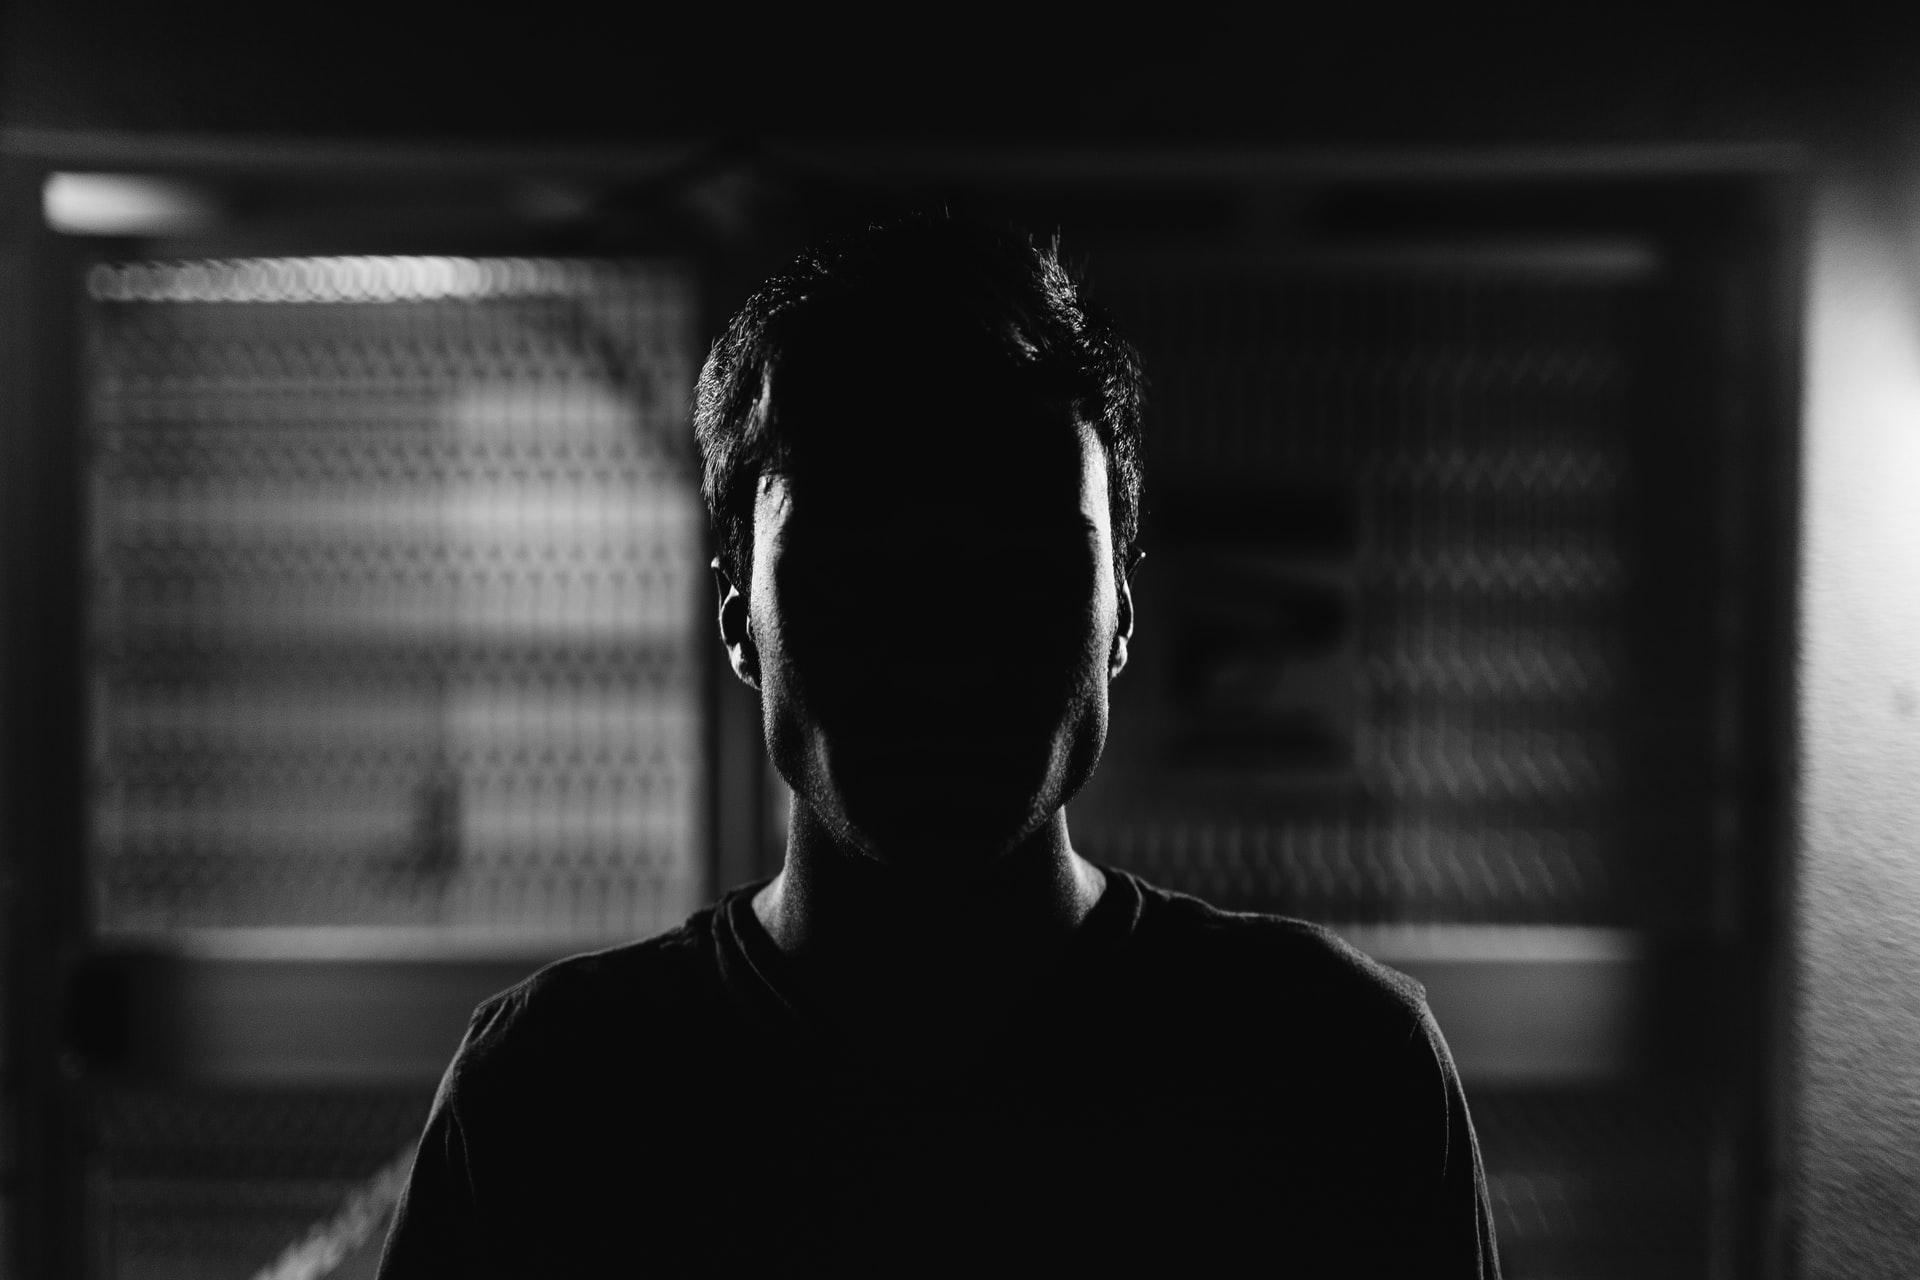 Que faire si témoin de harcèlement au travail